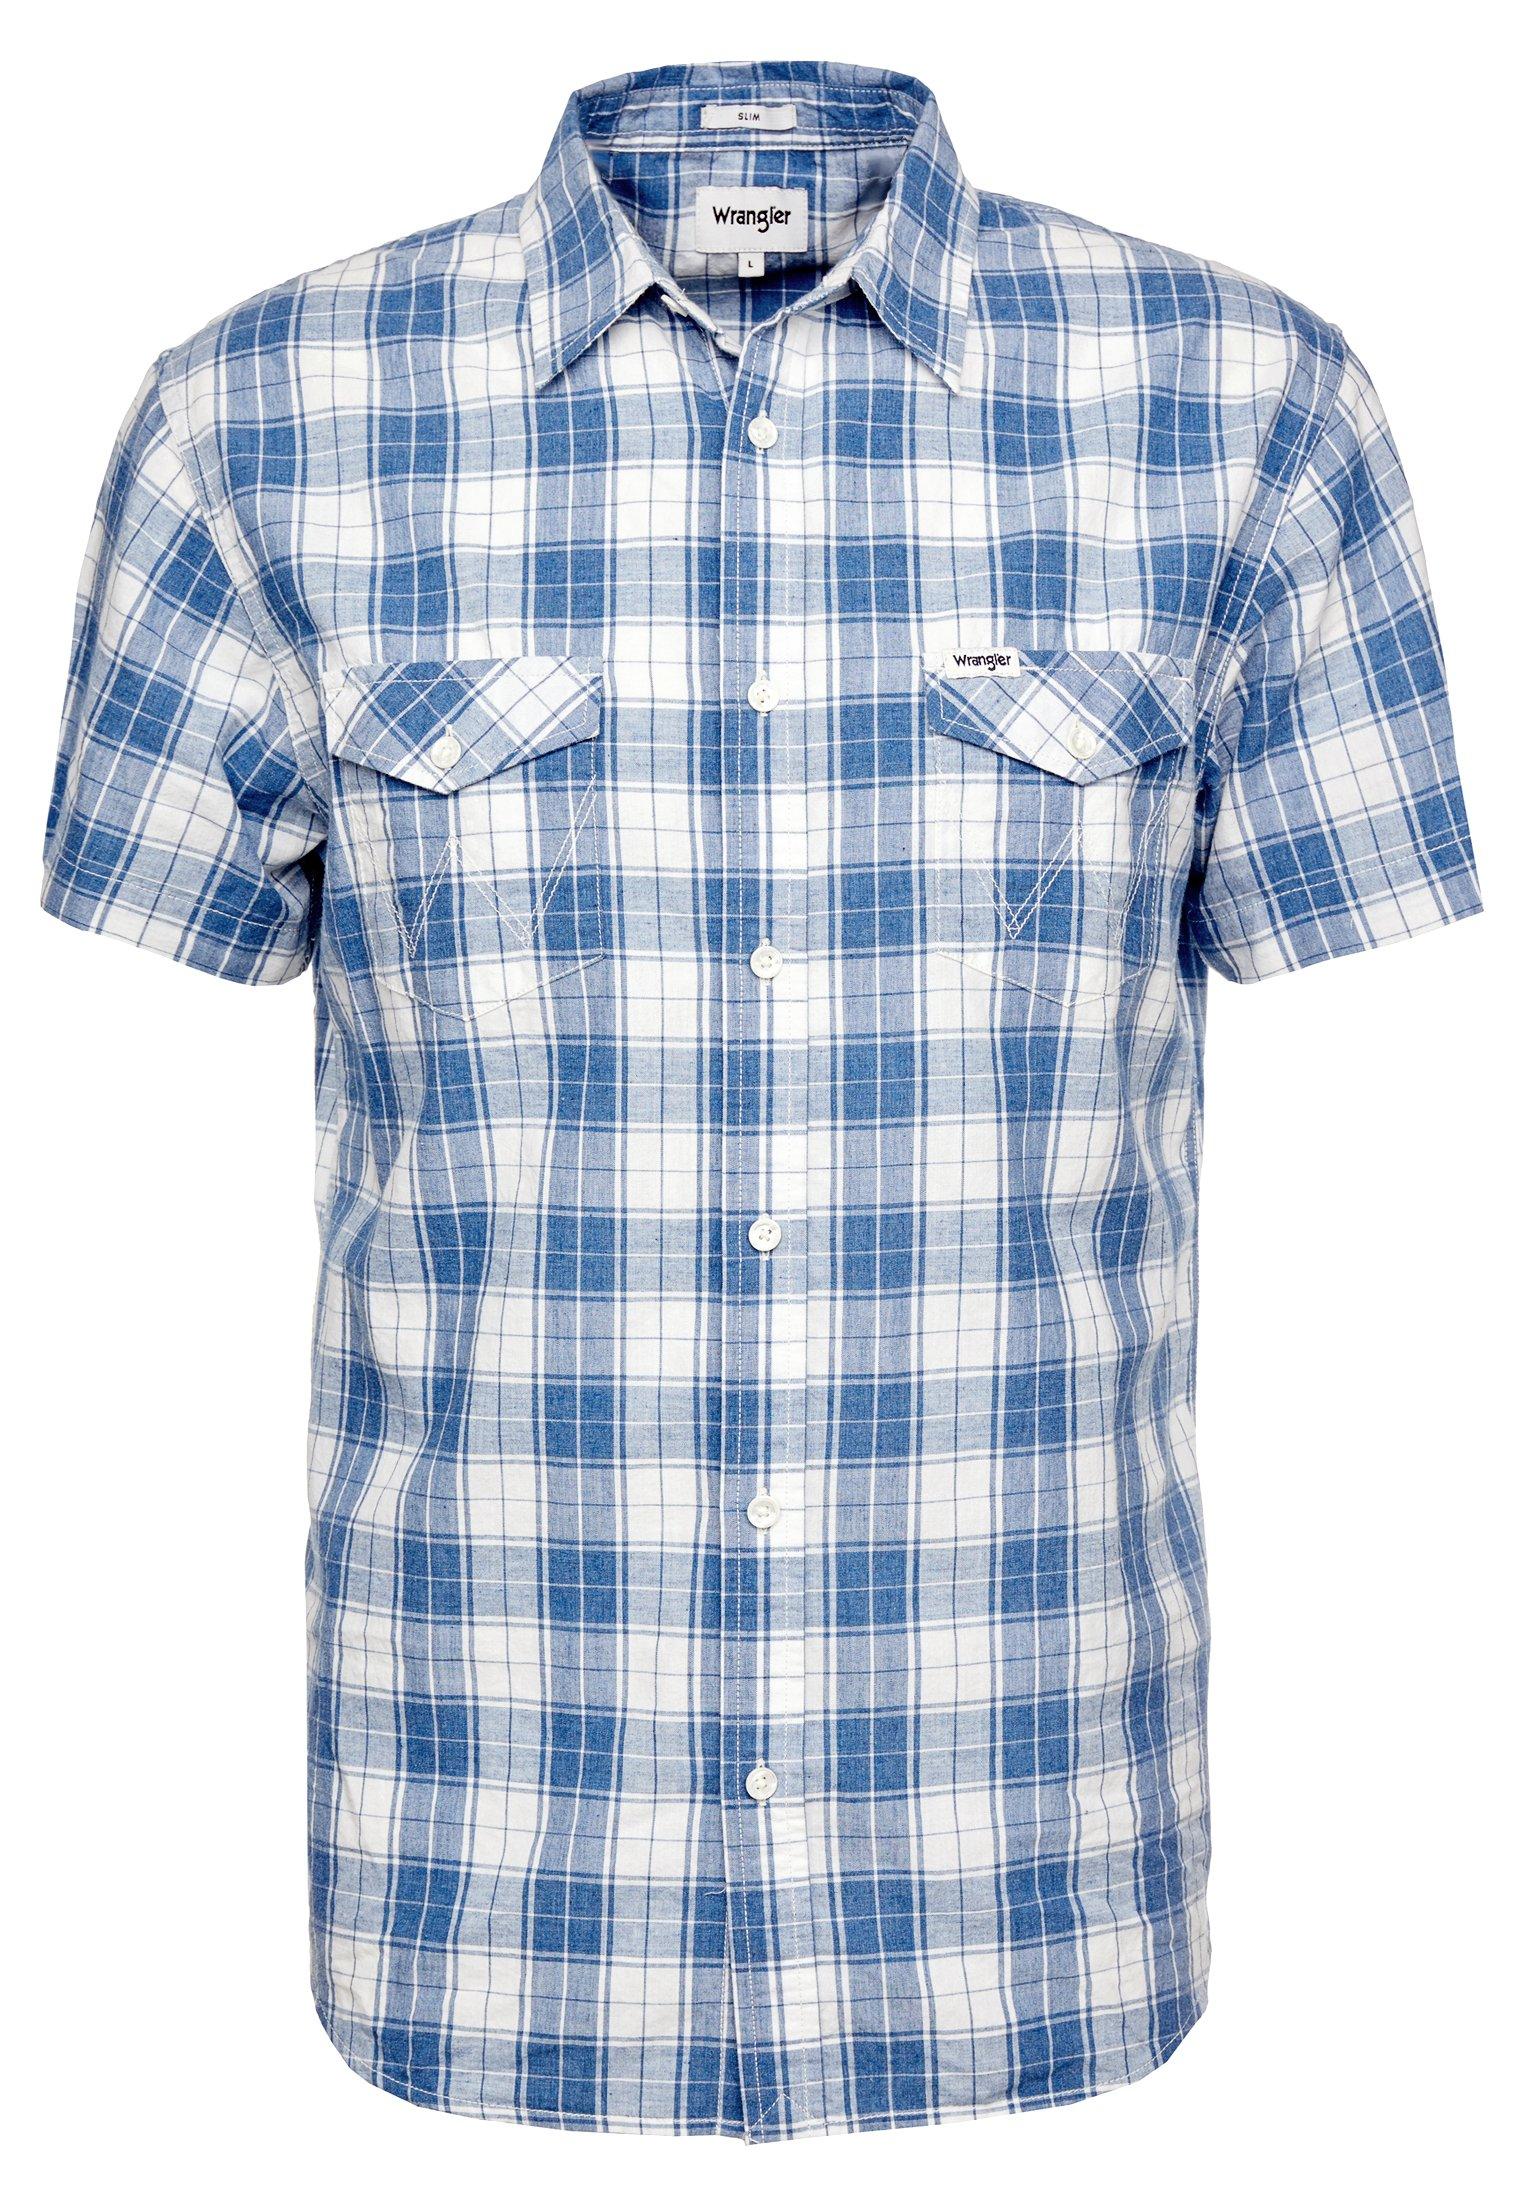 Wrangler Modern Western Shirt - Skjorter Starlight Blue